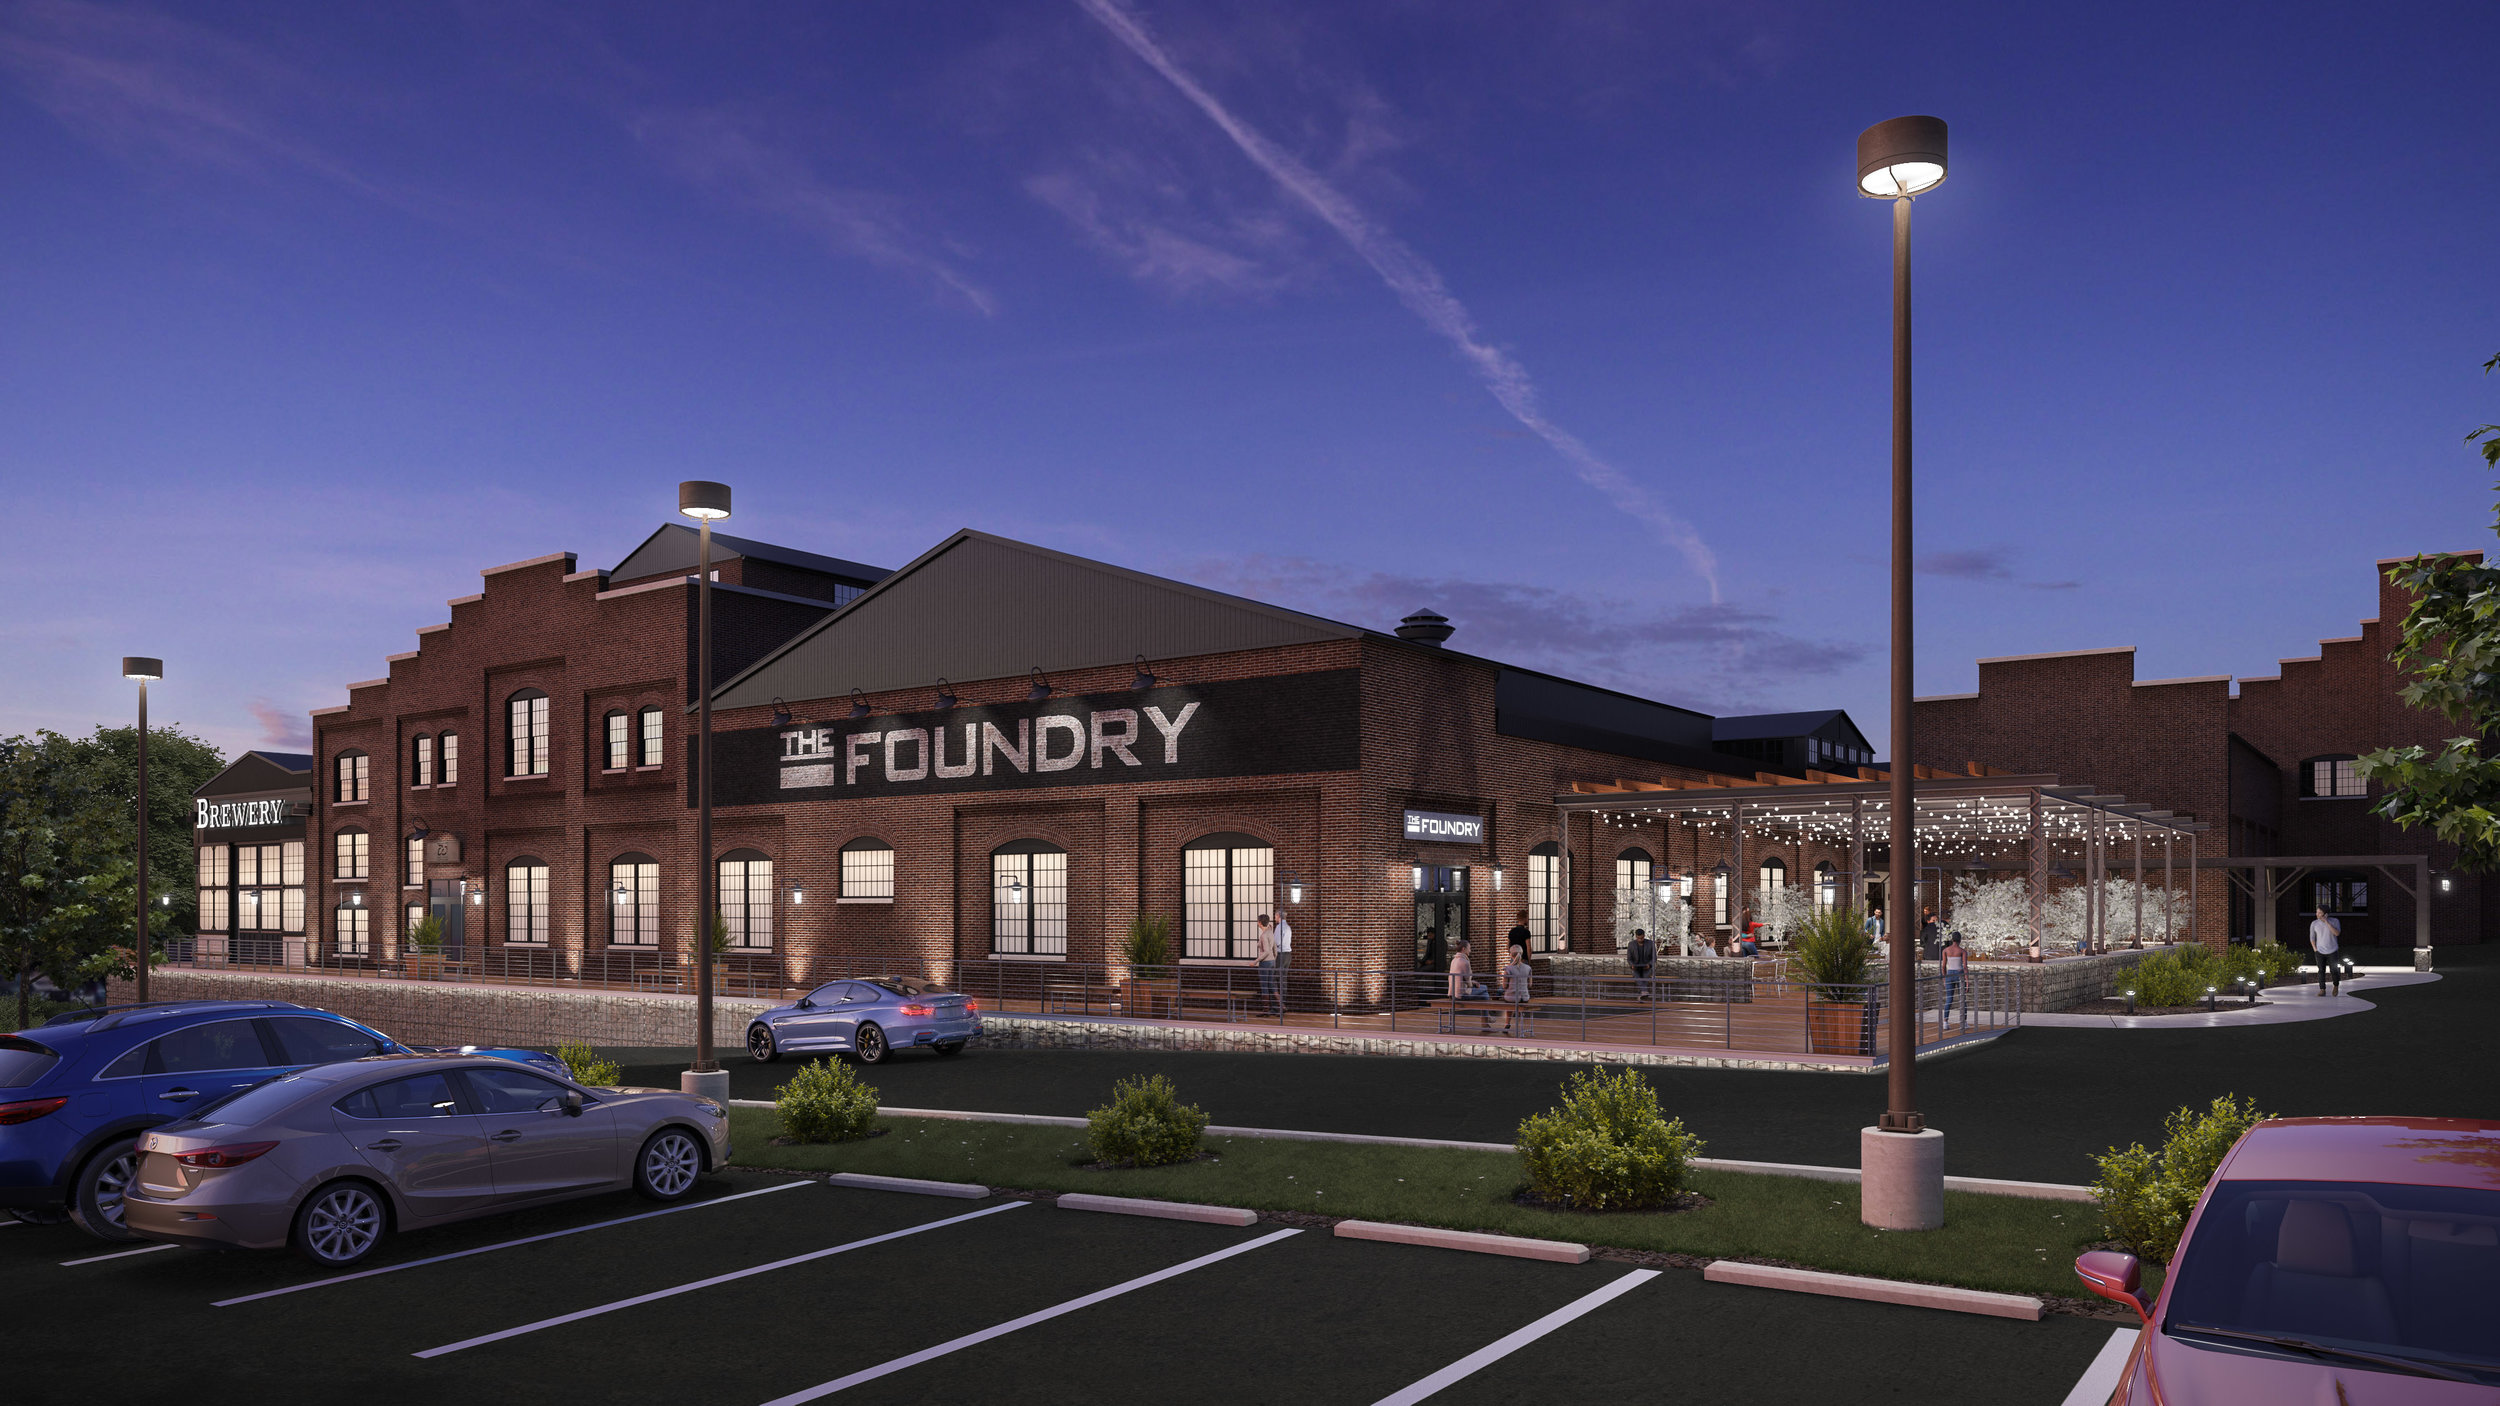 Foundry_Exterior_01 no logo.jpg